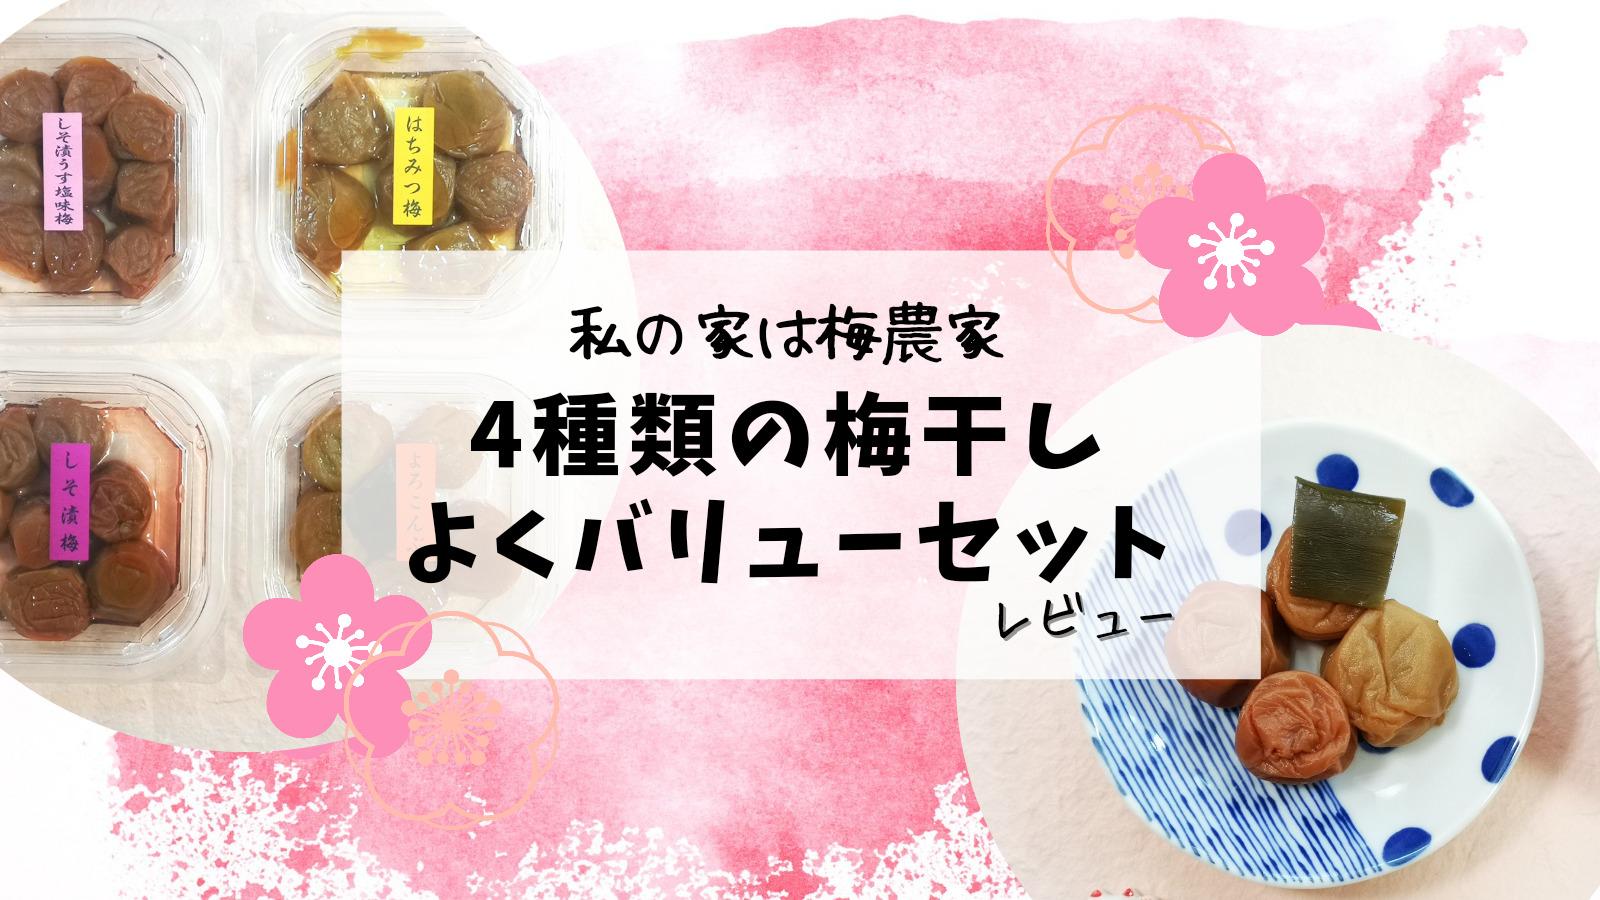 【ぷらむ工房】 4種の梅干し/よくバリューセットレビュー!